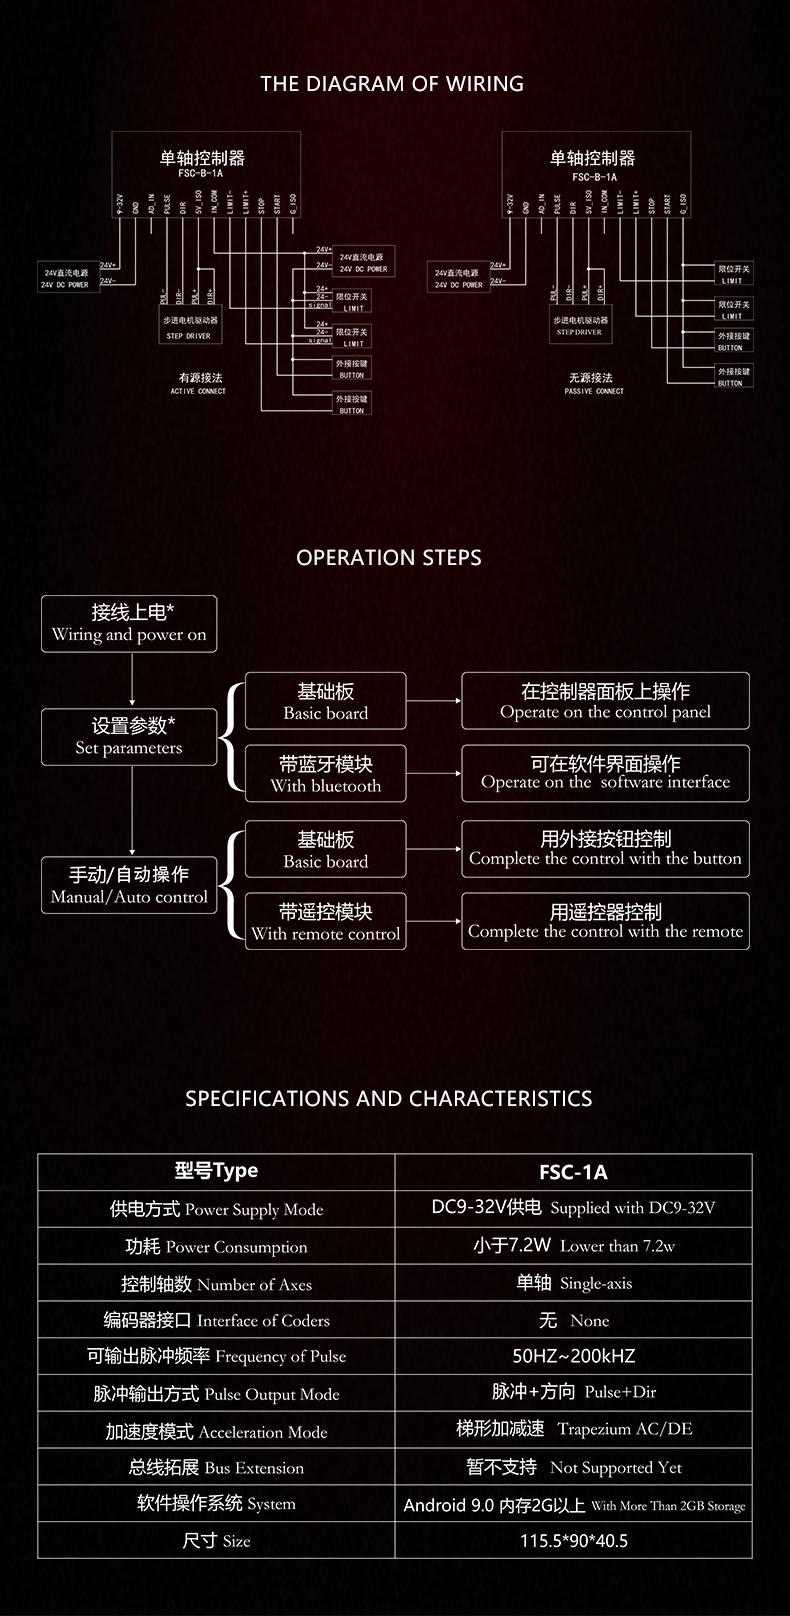 单轴FSC-1A详情页国外_04